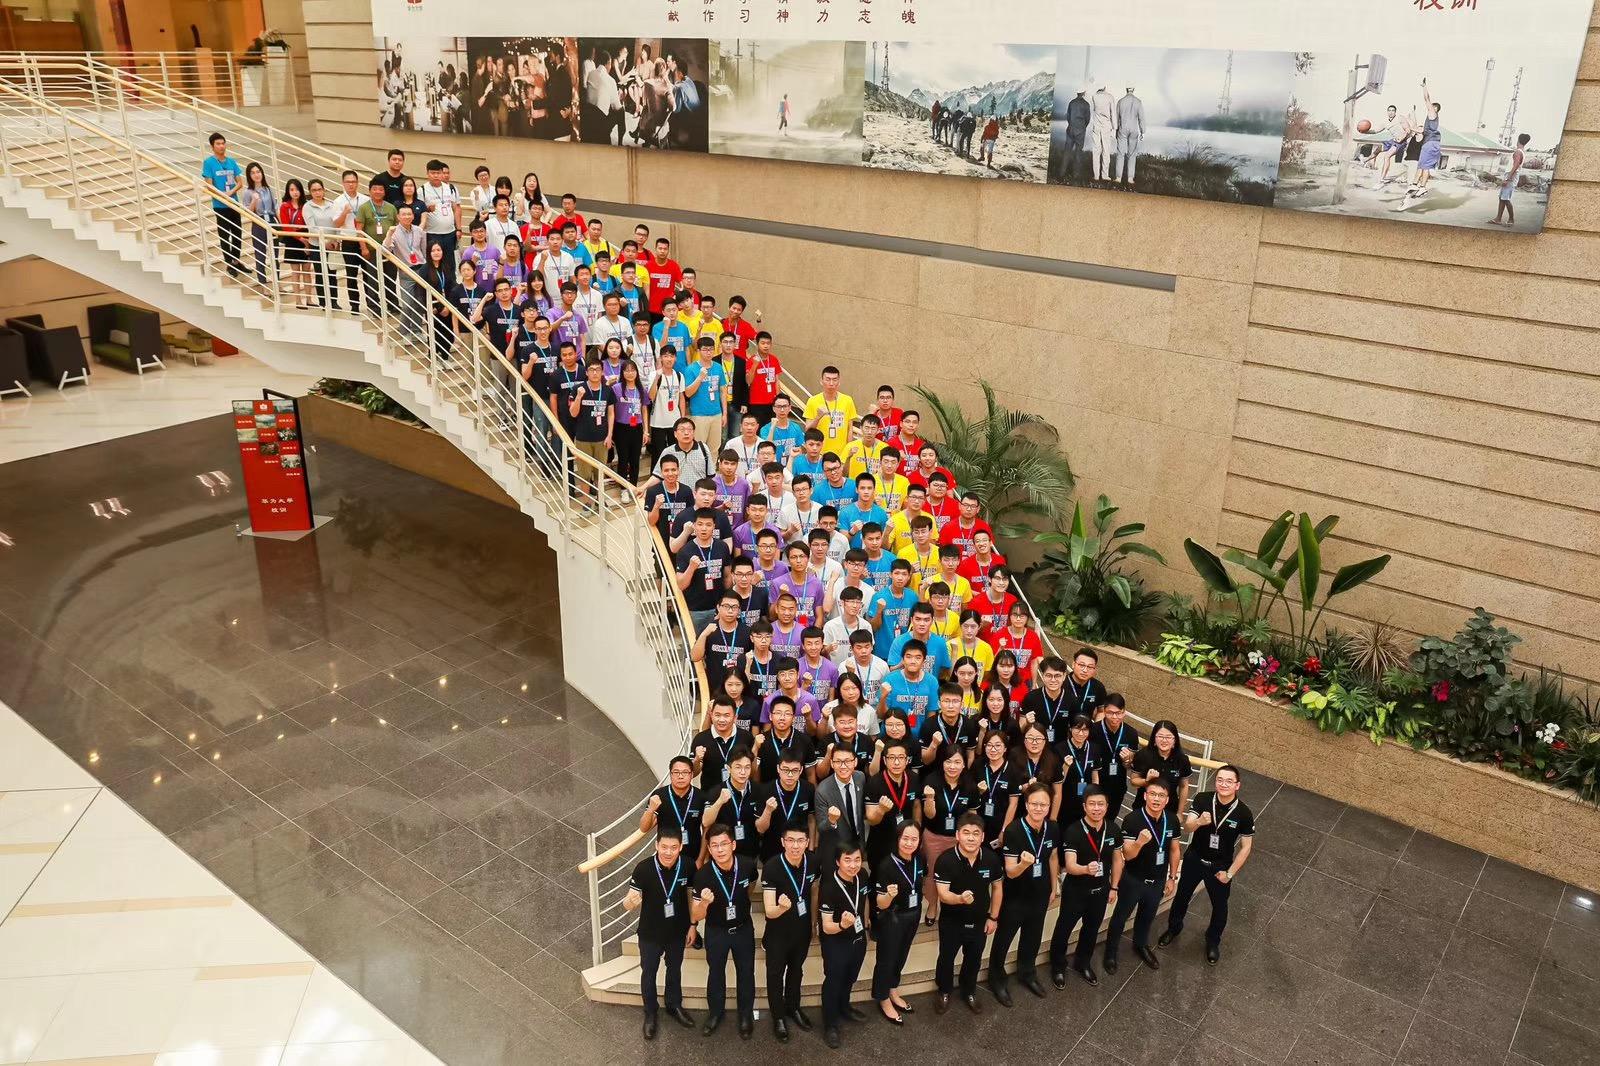 2019大学生中国区华为ICT大赛决赛圆满落幕